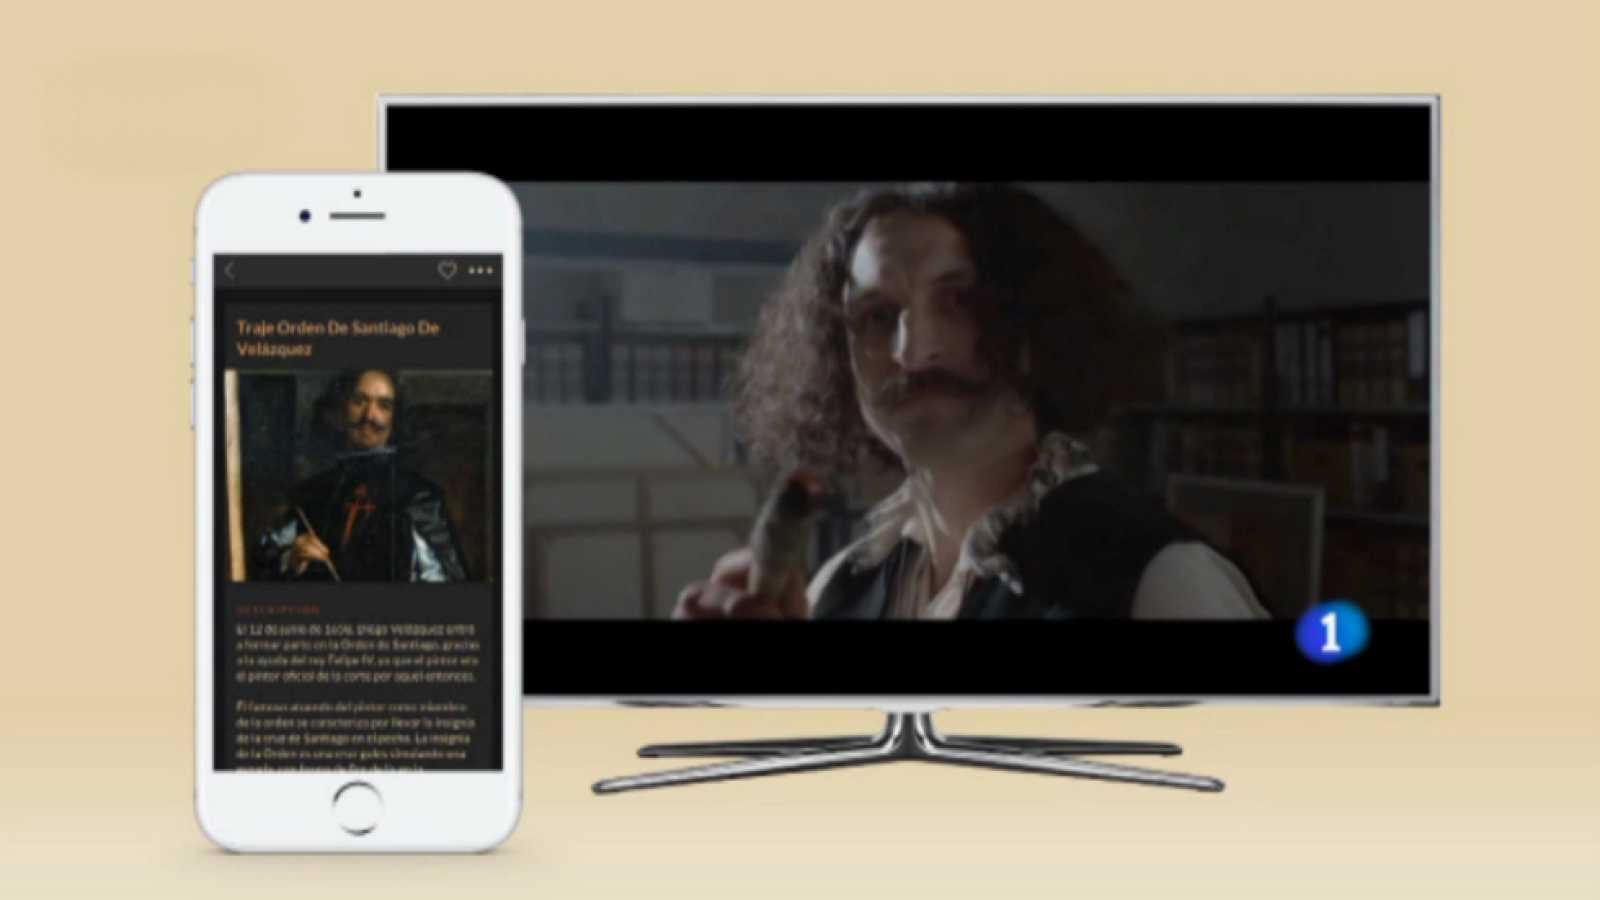 El Ministerio del Tiempo - Cómo funciona la app 'Dive'